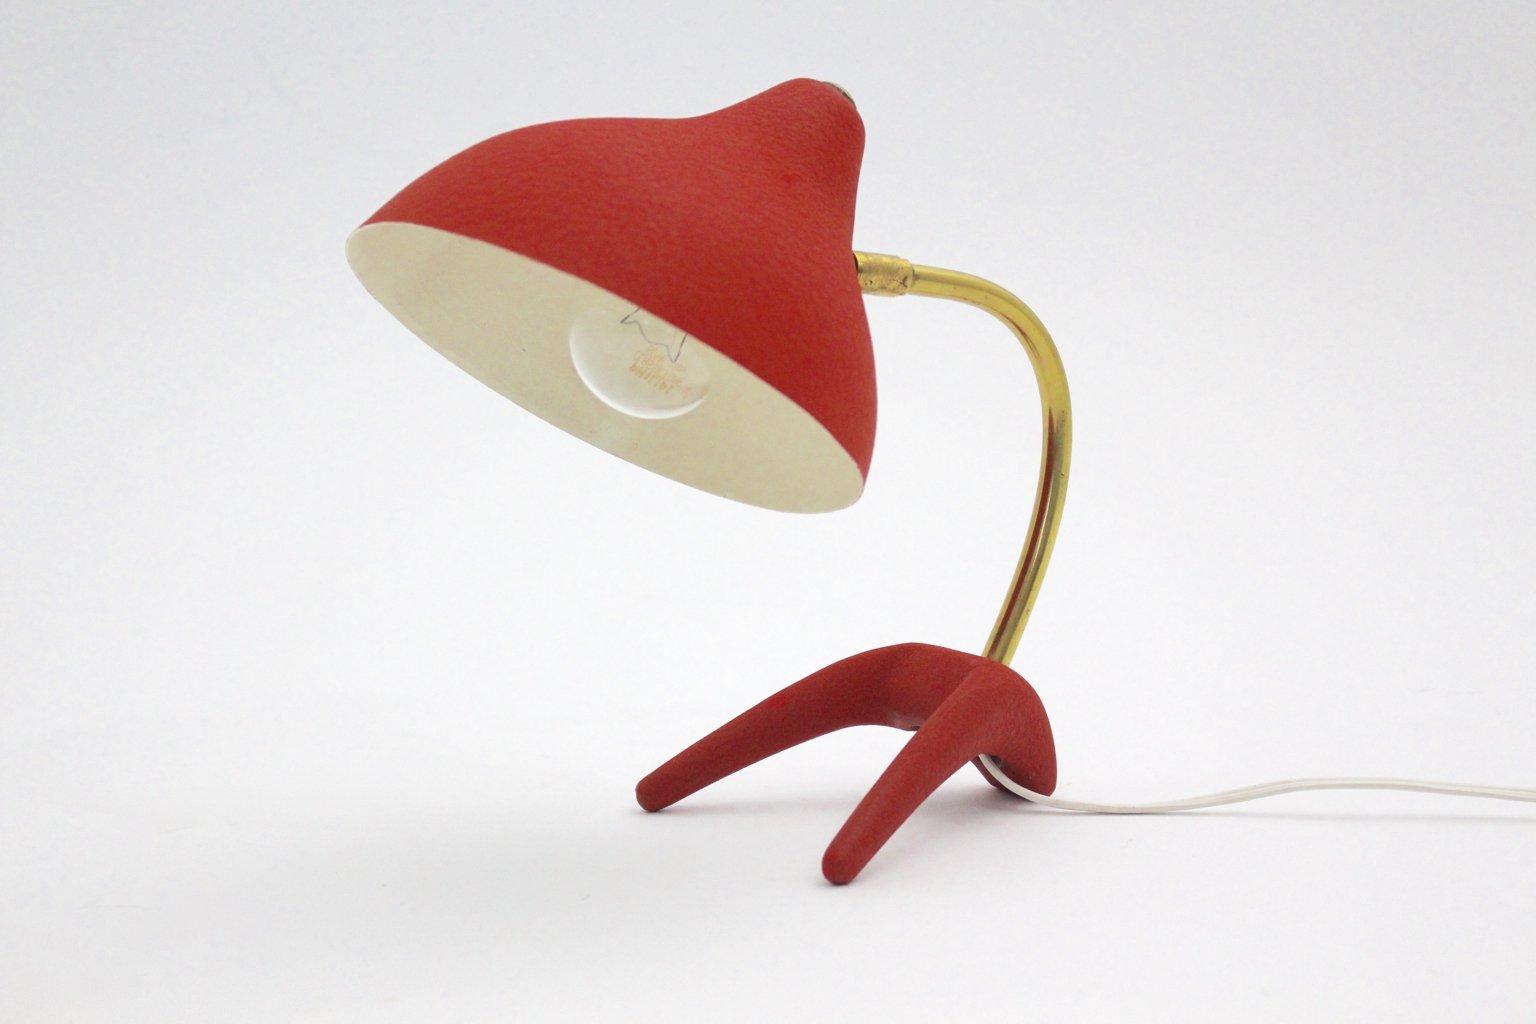 lampe de bureau mid century moderne par louis kalff pour philips 1950s en vente sur pamono. Black Bedroom Furniture Sets. Home Design Ideas